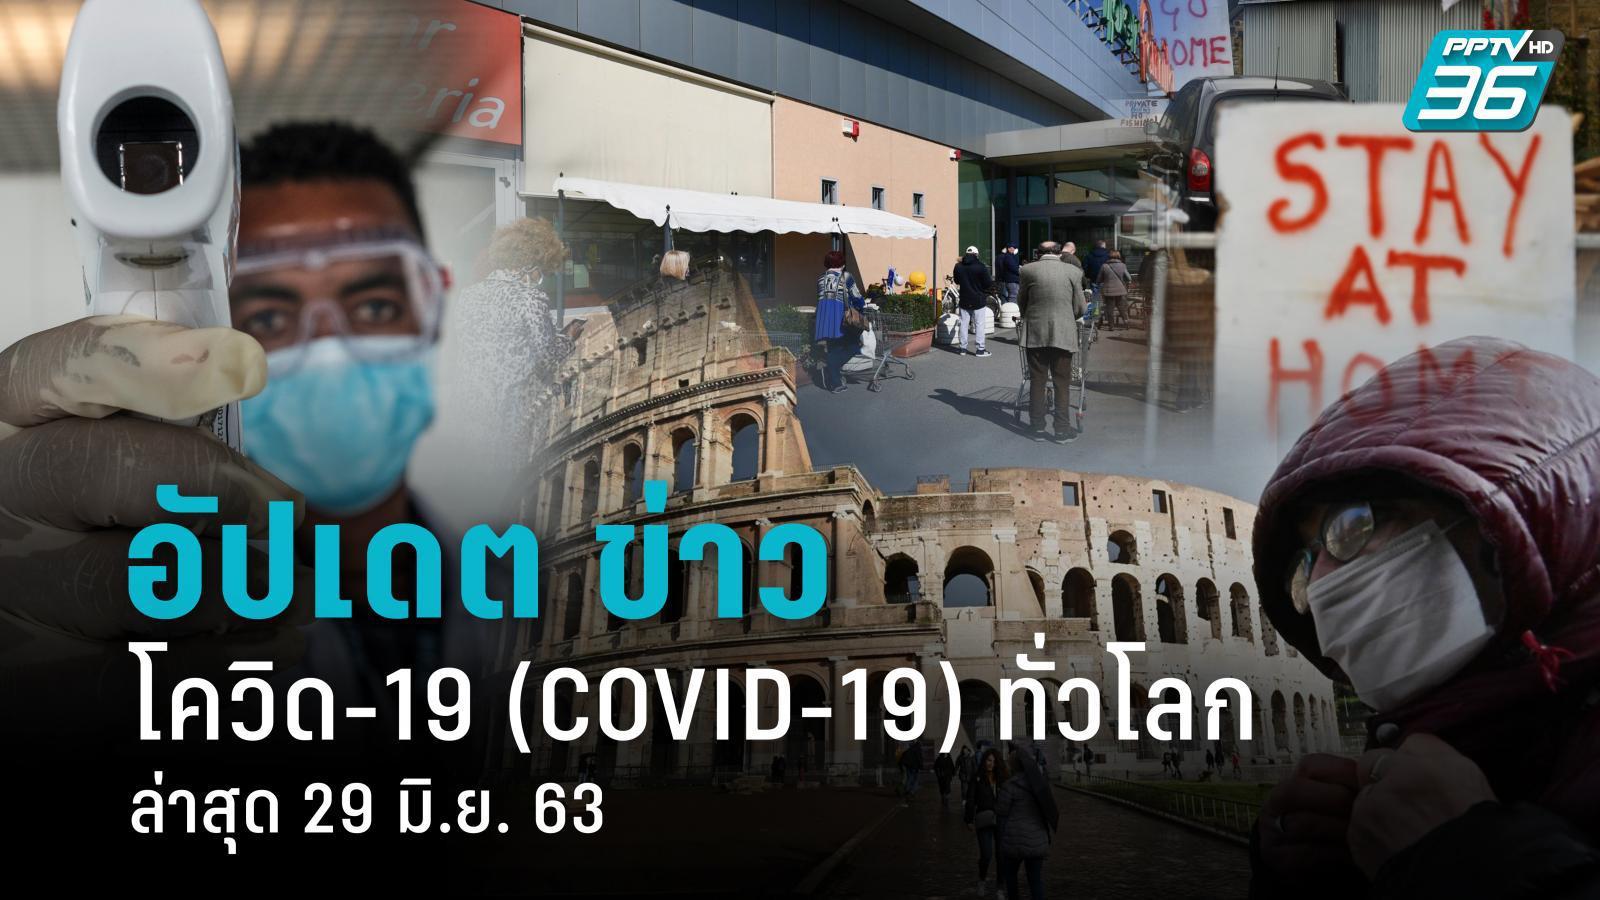 อัปเดตข่าว สถานการณ์ โควิด-19 ทั่วโลก ล่าสุด 29 มิ.ย. 63